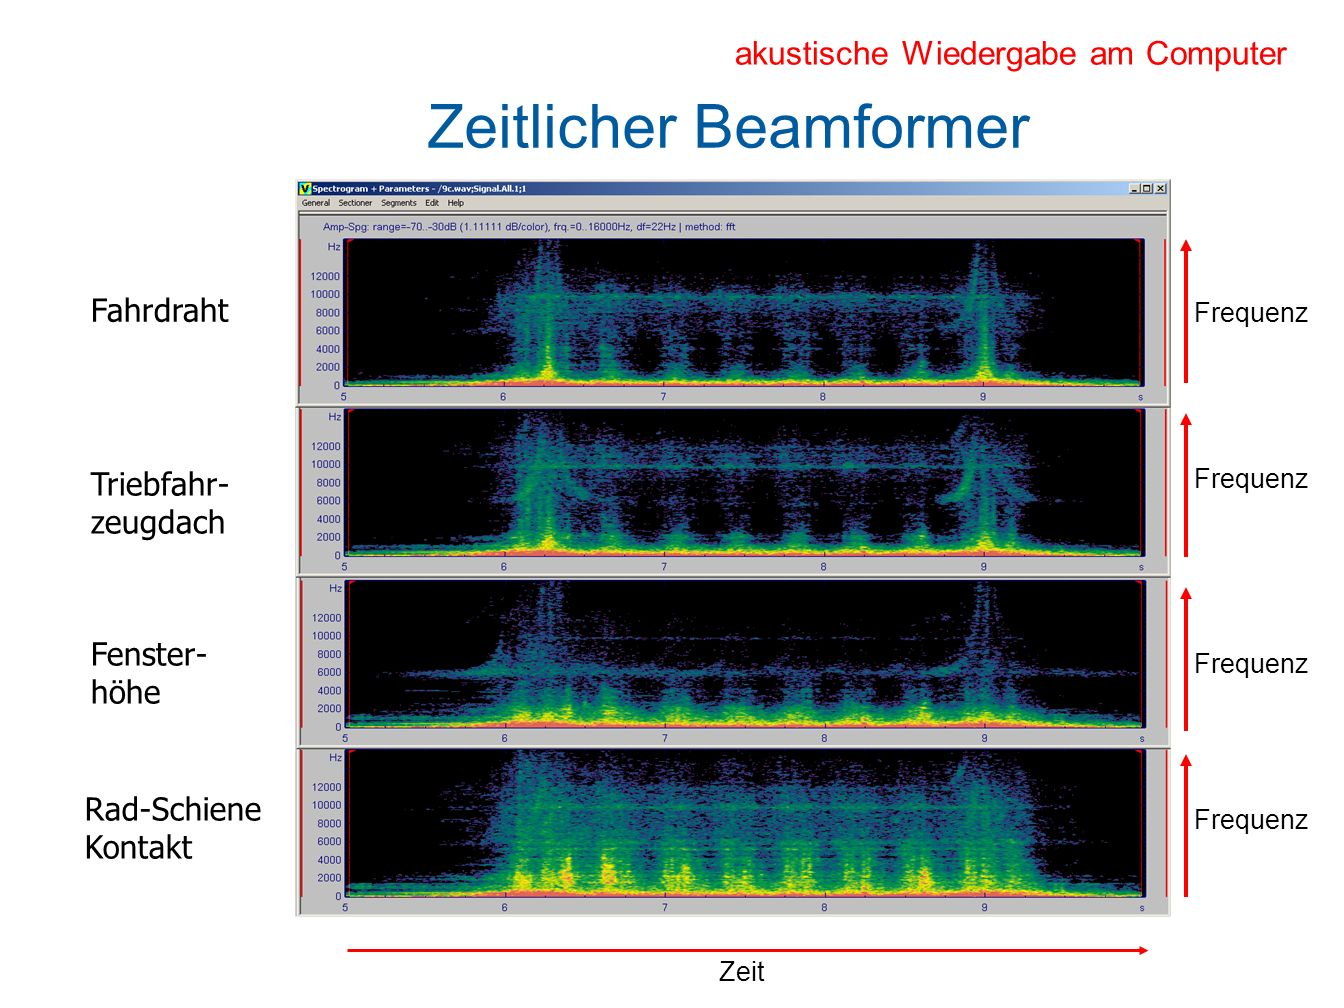 Zeitlicher Beamformer Fahrdraht Fenster- höhe Triebfahr- zeugdach Rad-Schiene Kontakt Zeit Frequenz akustische Wiedergabe am Computer